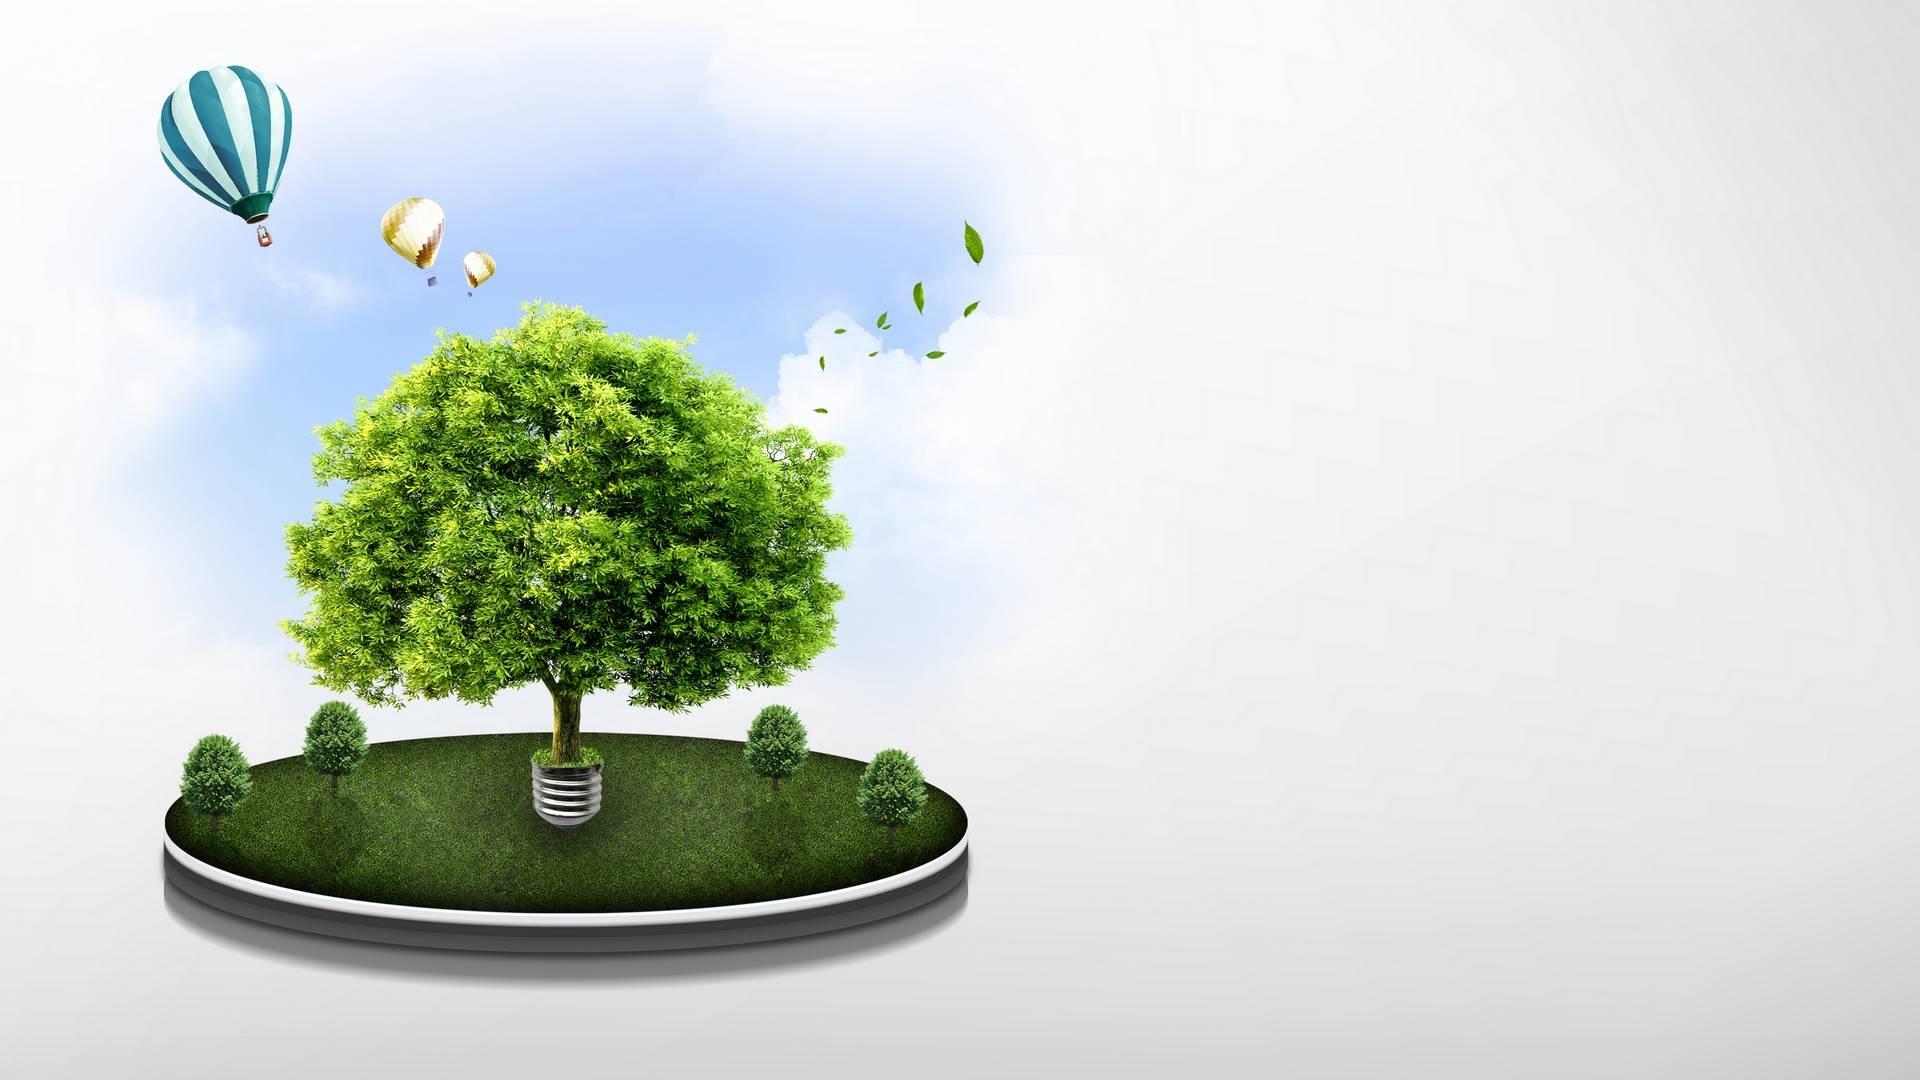 обои поляна, дерево, листья, воздушные шары картинки фото